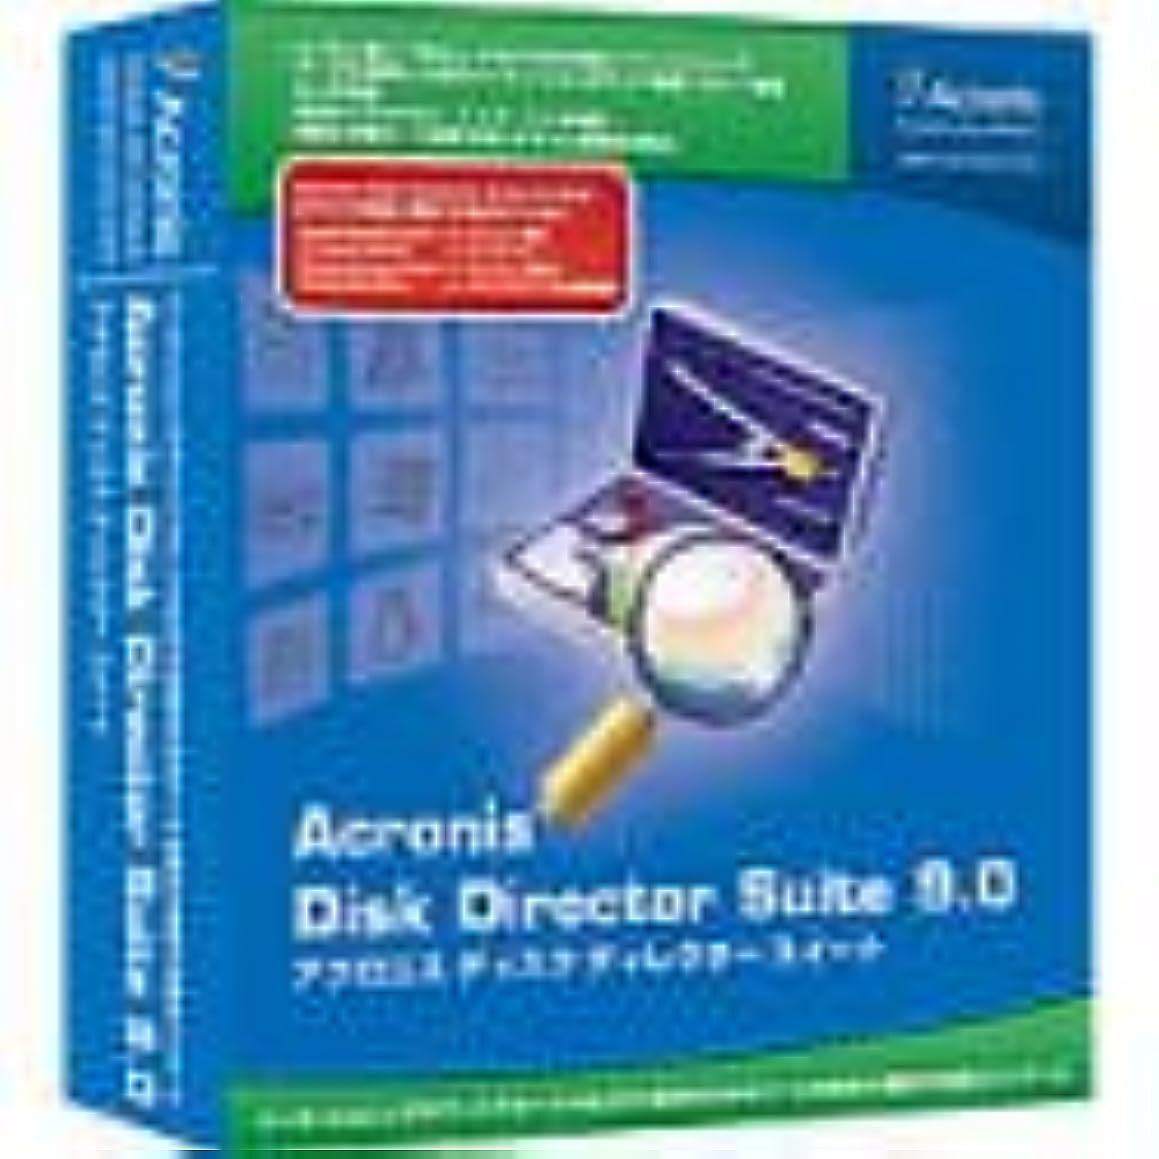 無秩序メイン無効Acronis Disk Director Suite 9.0